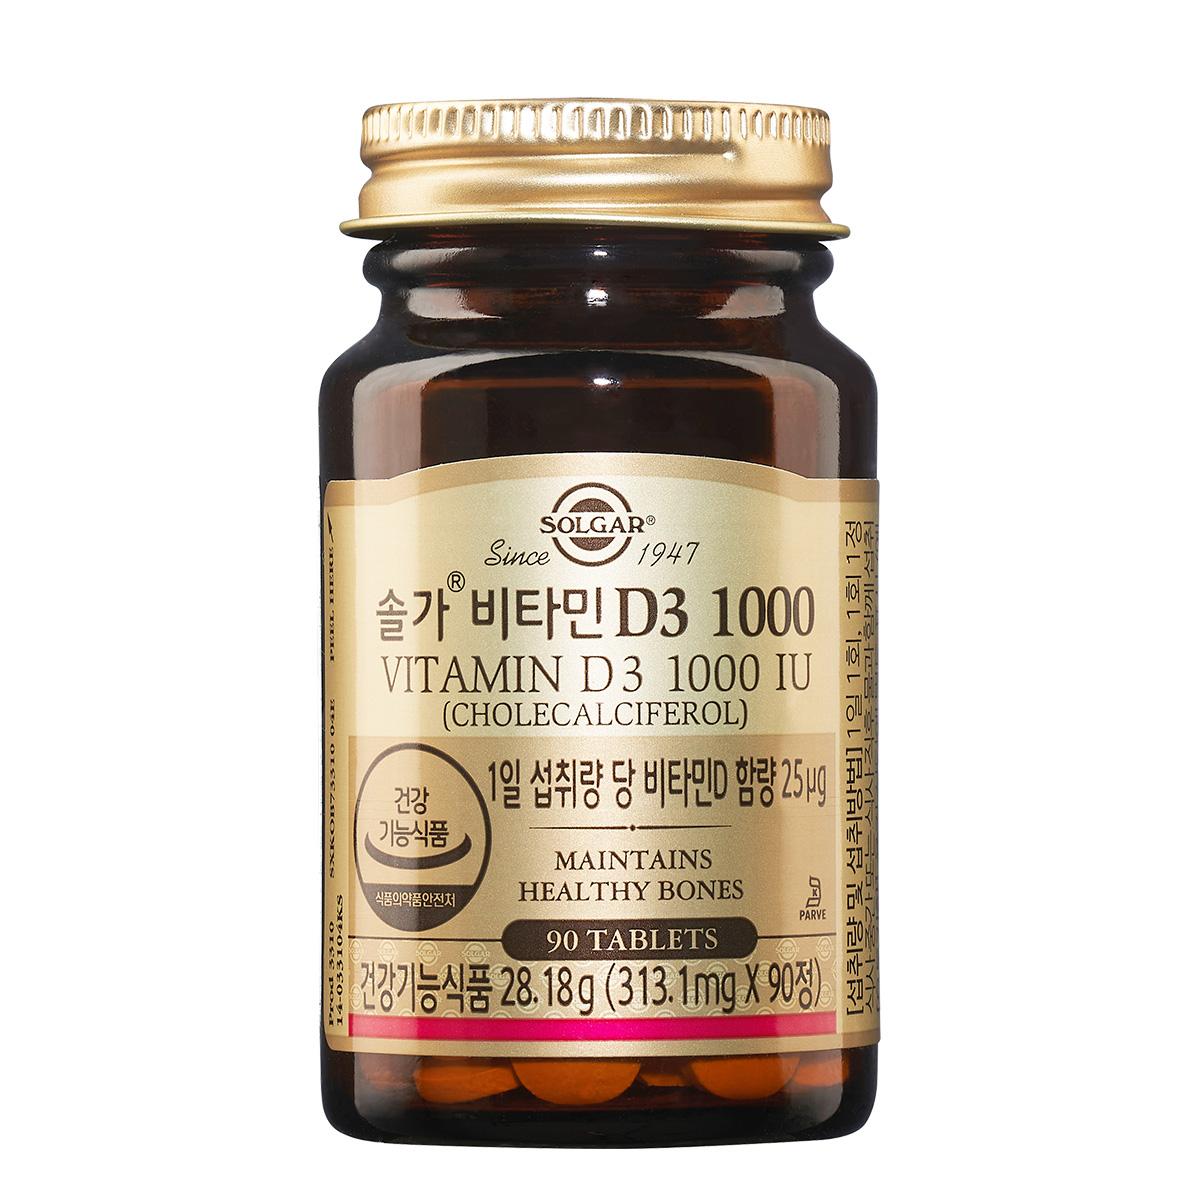 [비타민 d3] 솔가 비타민 D3 1000 IU, 90정, 1개 - 랭킹8위 (20850원)